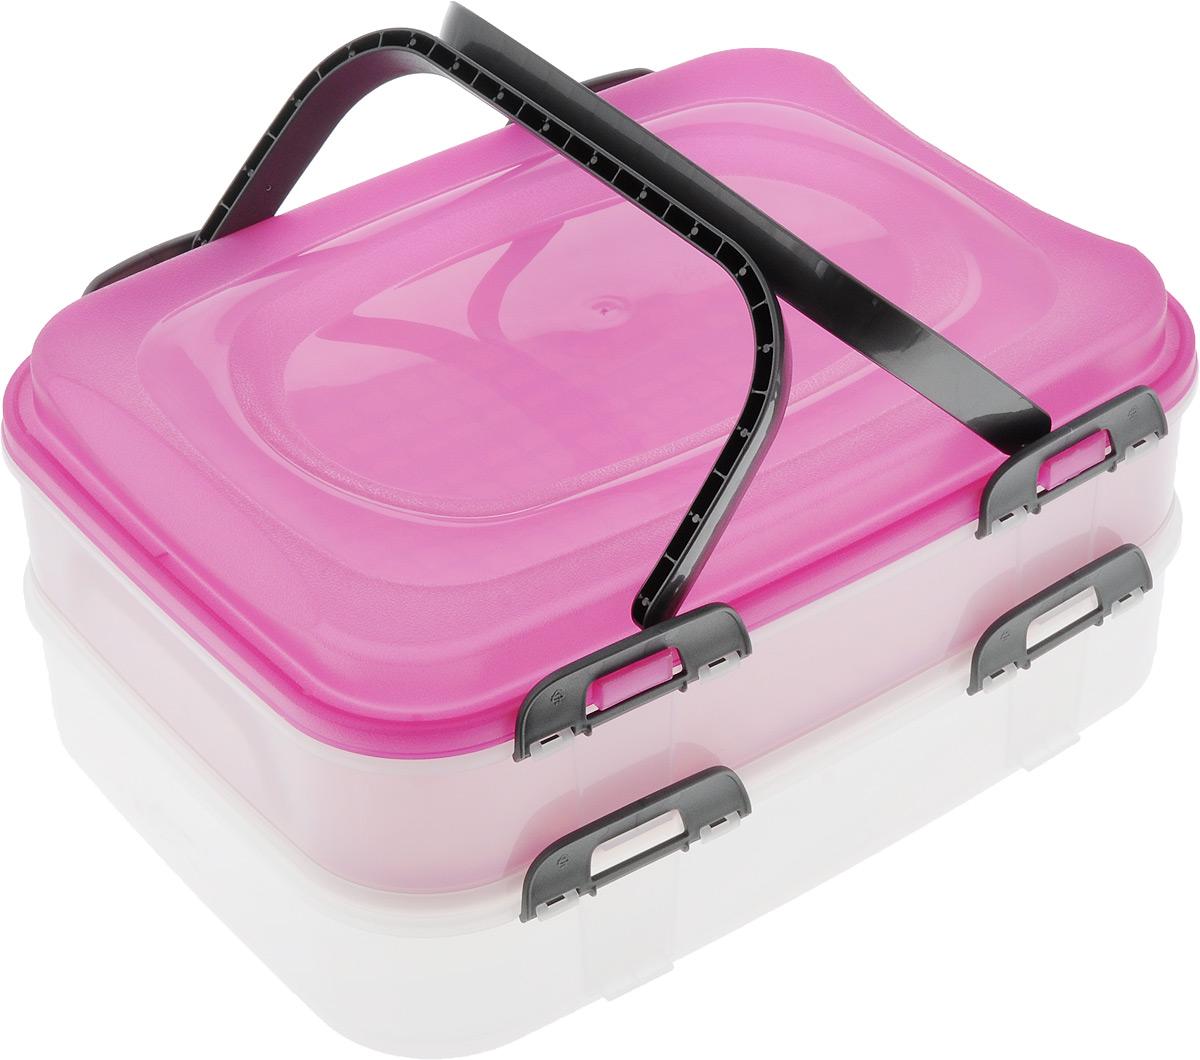 Набор контейнеров Axentia Бокс-сет, цвет: фуксия, прозрачный, 2 шт116833_фуксия, прозрачныйНабор Axentia Бокс-сет, изготовленный из высококачественного пластика, состоит из 2 пищевых контейнеров. Изделия оснащены крышками с застежками и удобными ручками. Идеально подходят для бизнес ланчей.